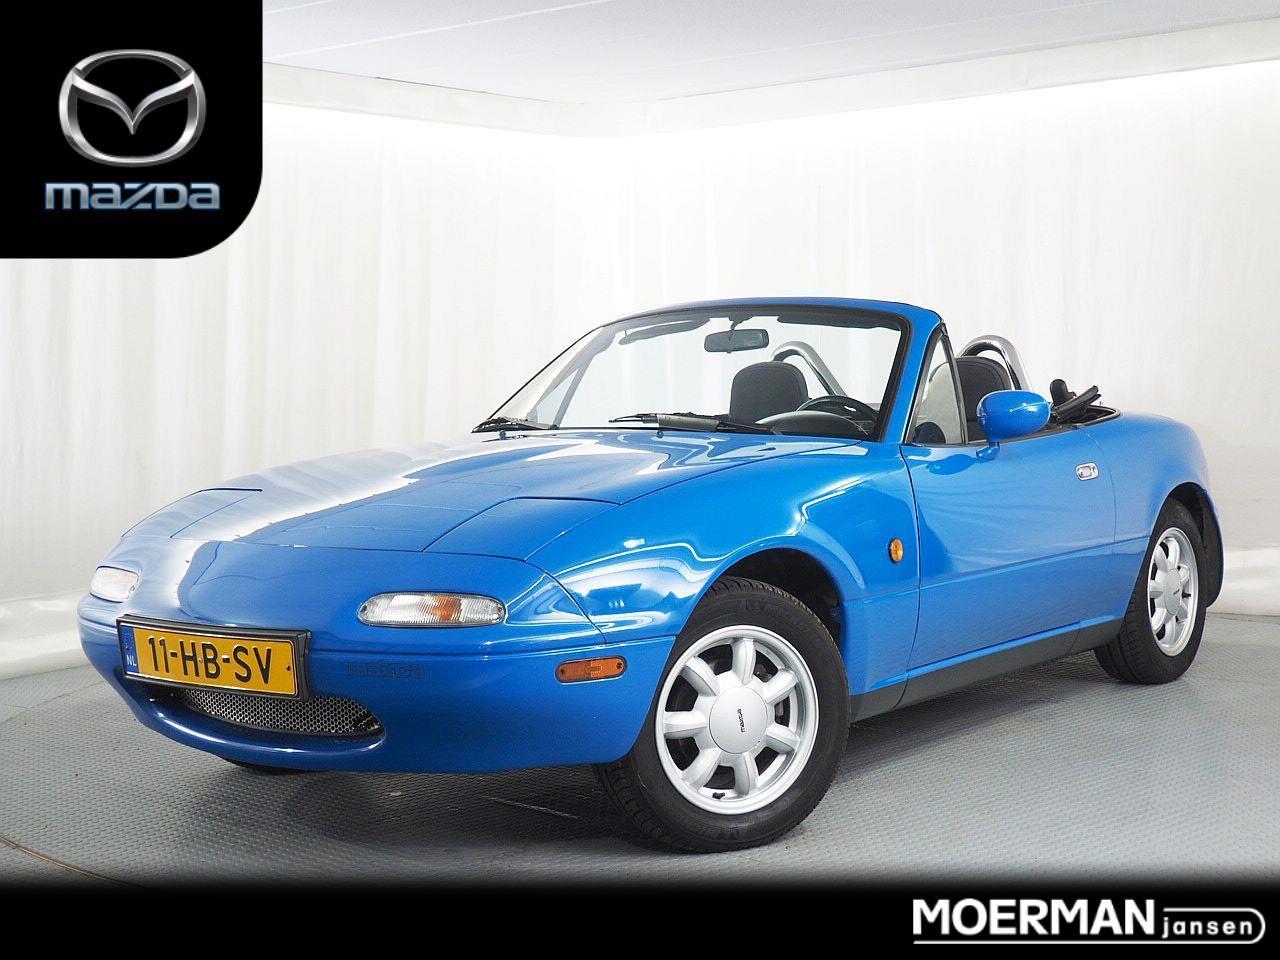 Mazda Mx-5 1.6i-16v / cabrio oldtimer / 30 jaar oud en rijdt als nieuw / grotendeels gerestaureerd